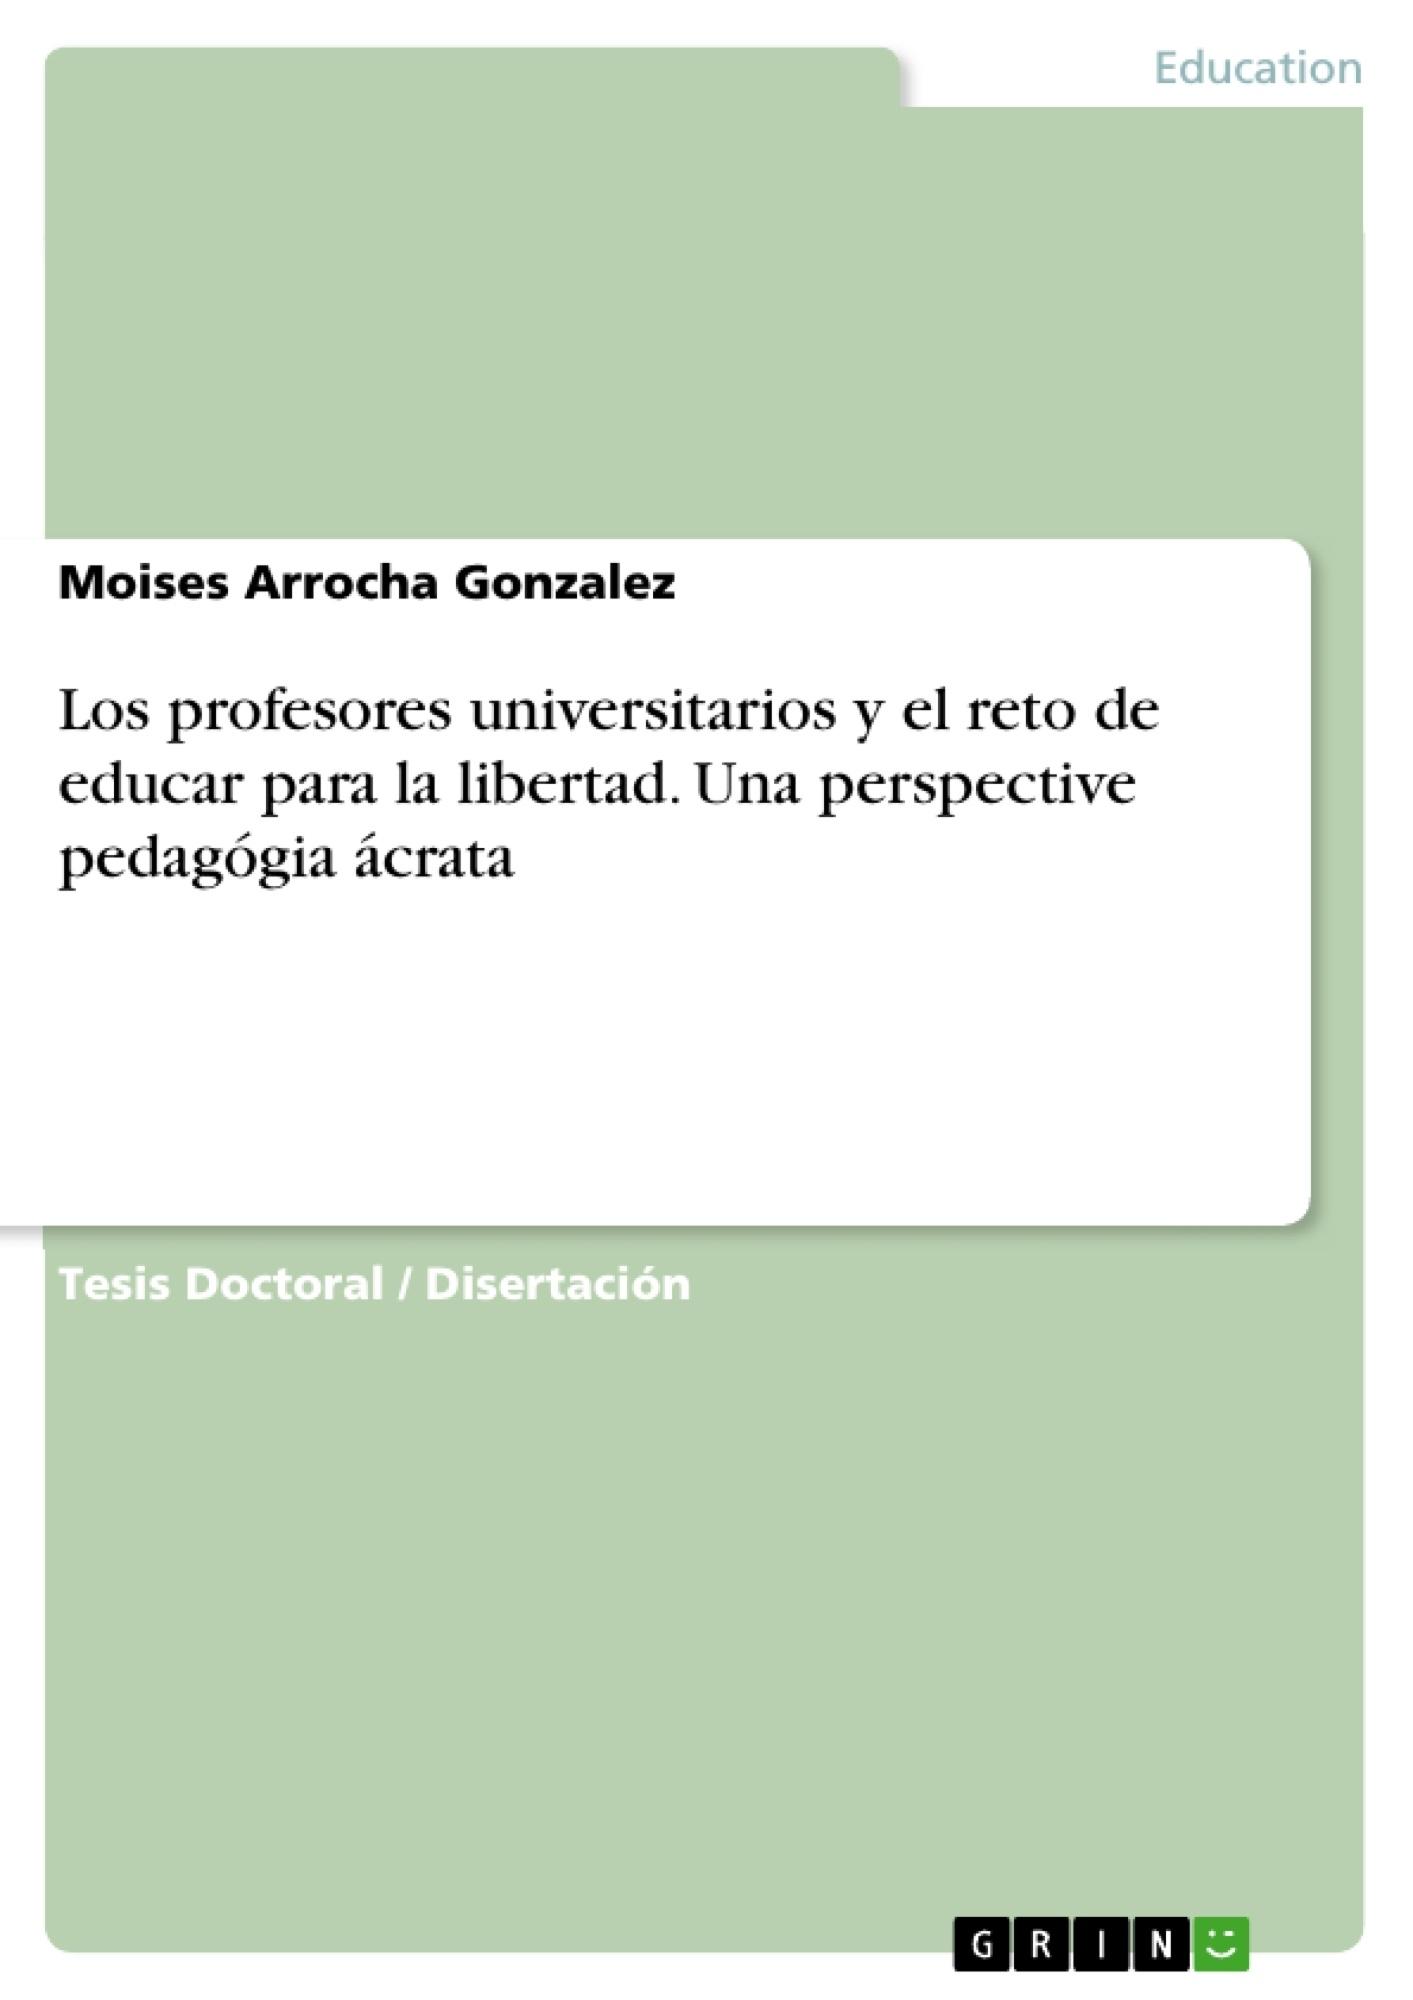 Título: Los profesores universitarios y el reto de educar para la libertad. Una perspective pedagógia ácrata